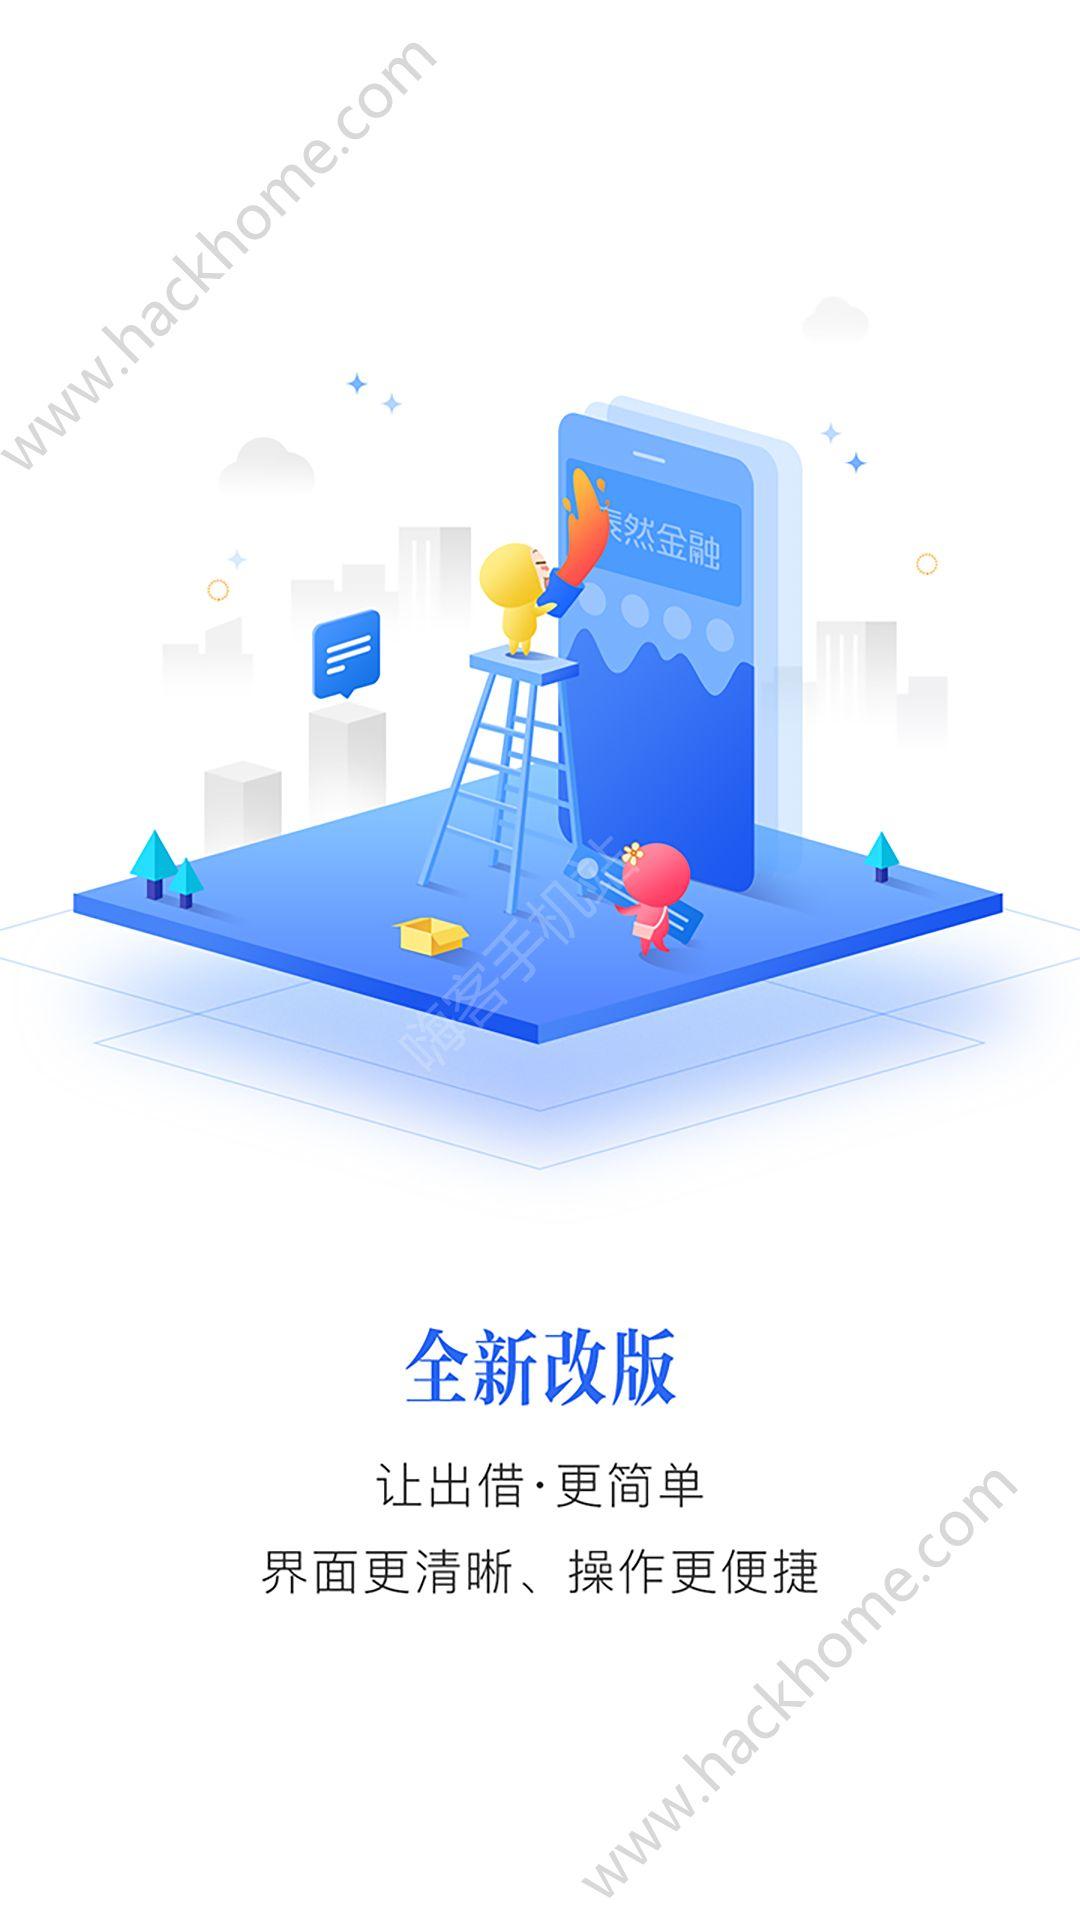 泰然金融app官方版软件下载图1: